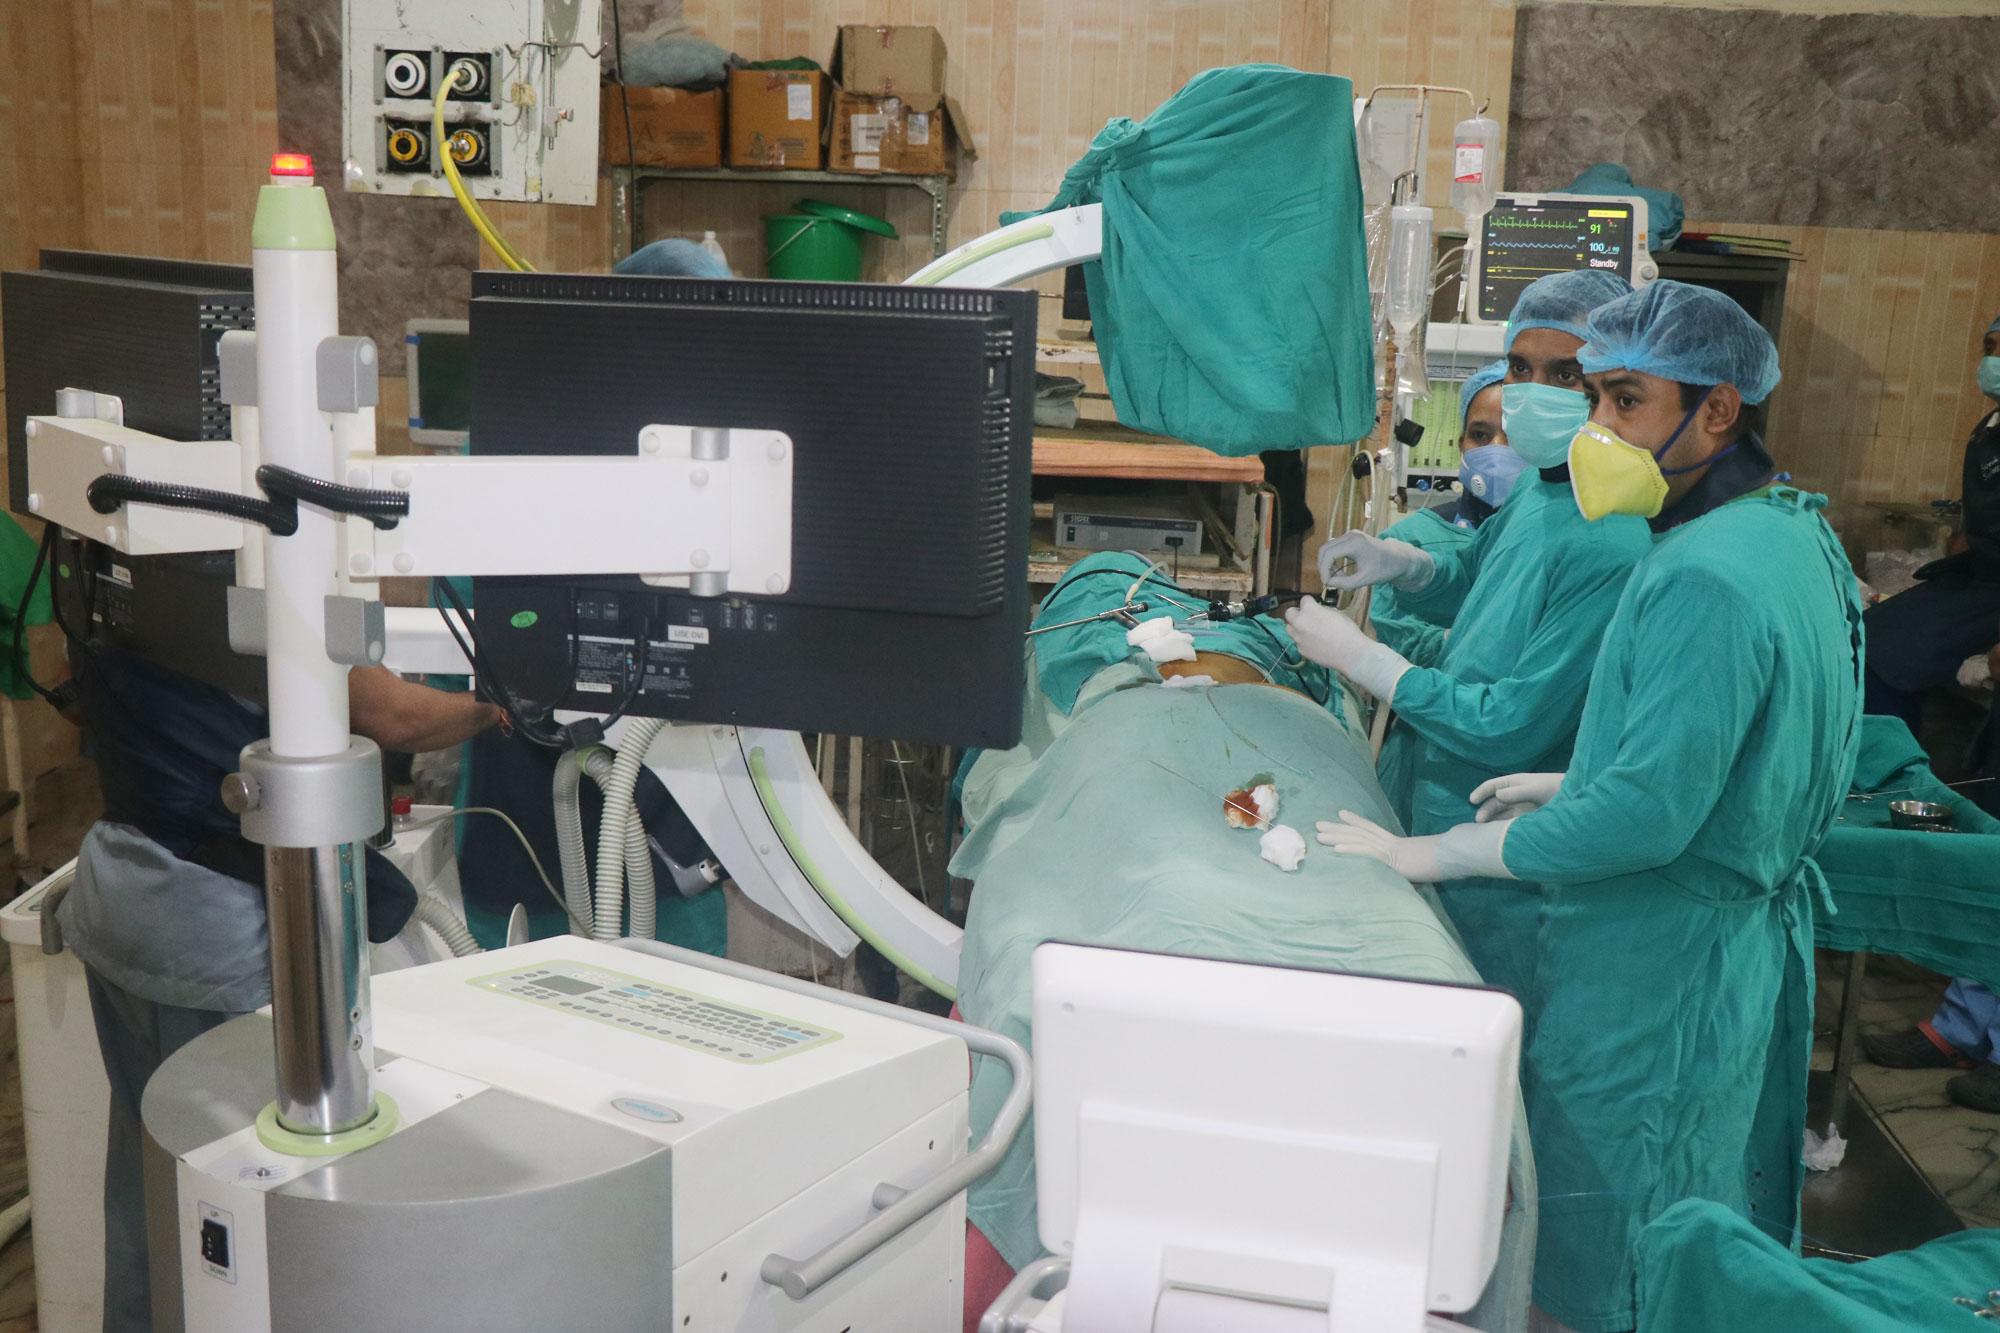 नोबेल अस्पतालमा लेजर प्रबिधिबाट पथरीयाको शल्यक्रिया सुरु (भिडियाे सहित)